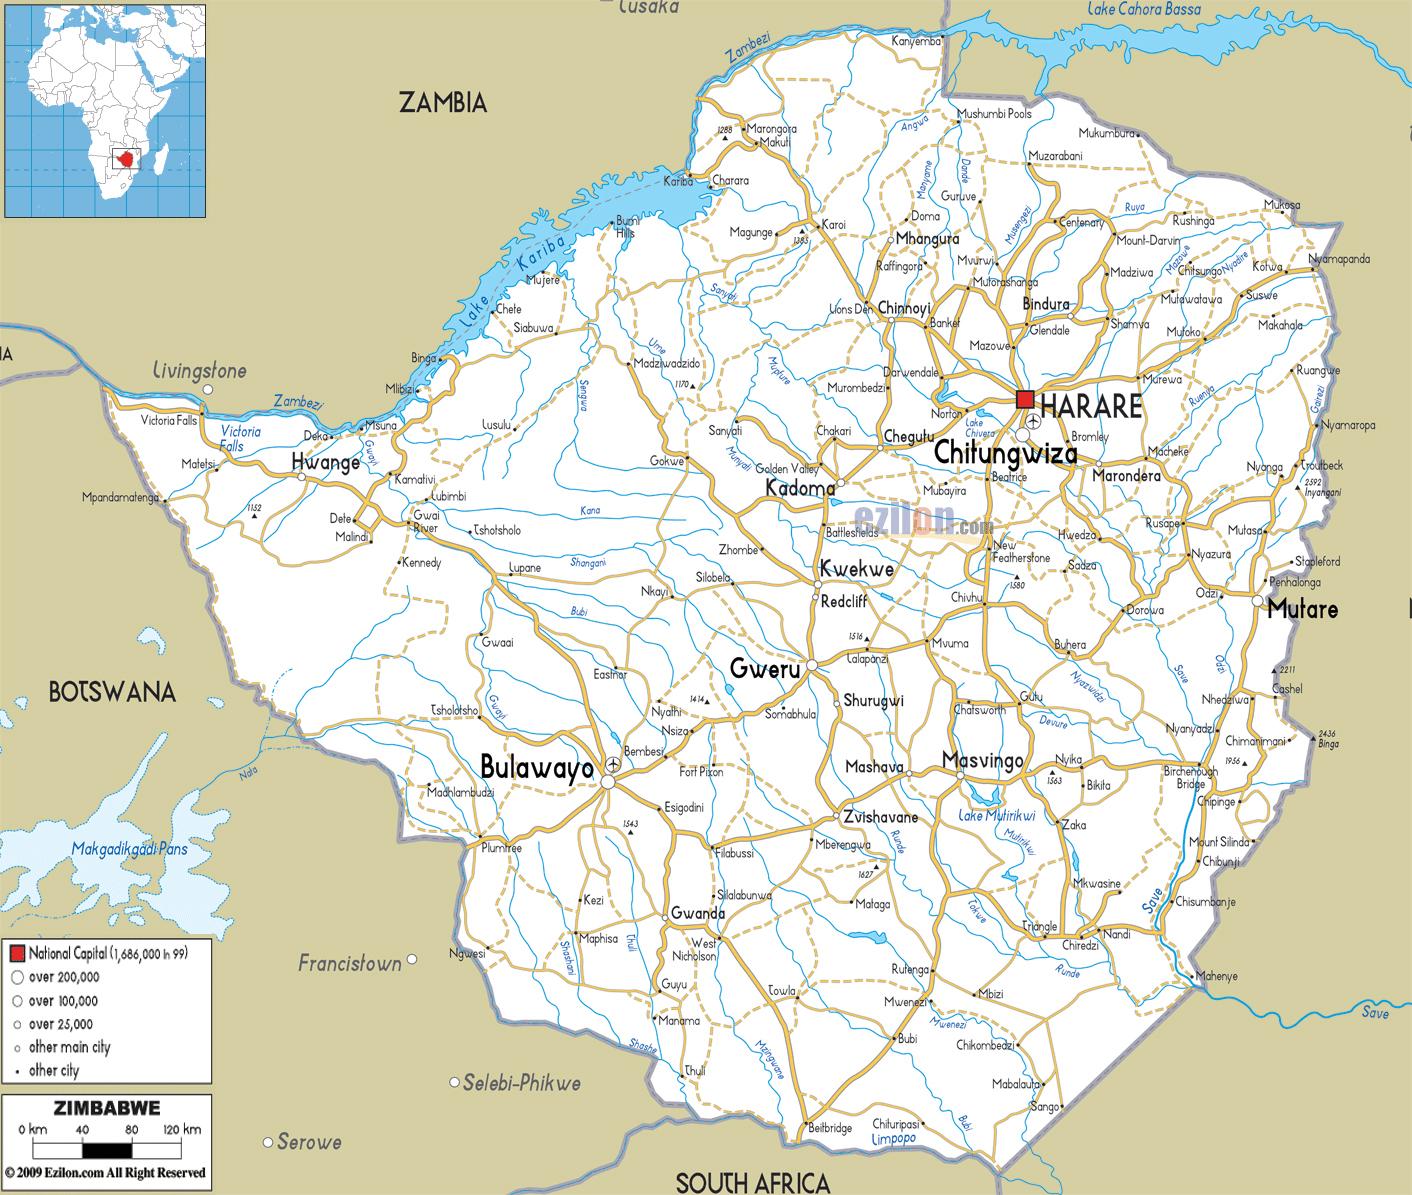 Detailed Road Map Of Zimbabwe Zimbabwe Detailed Road Map - Zimbabwe map